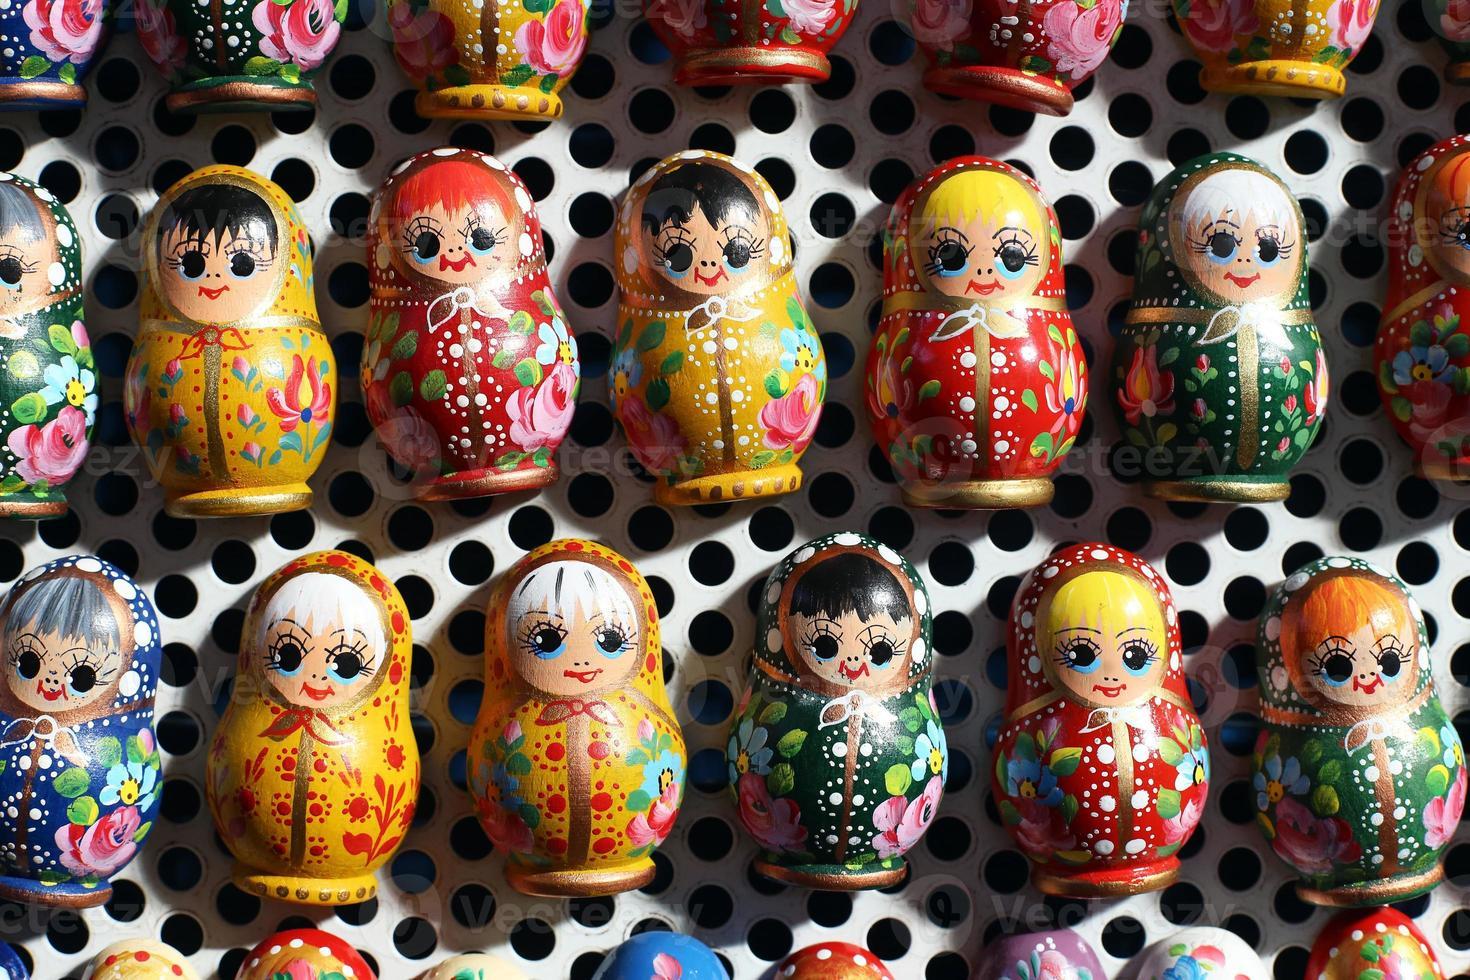 grupo de bonecas matreshka russas como lembranças foto